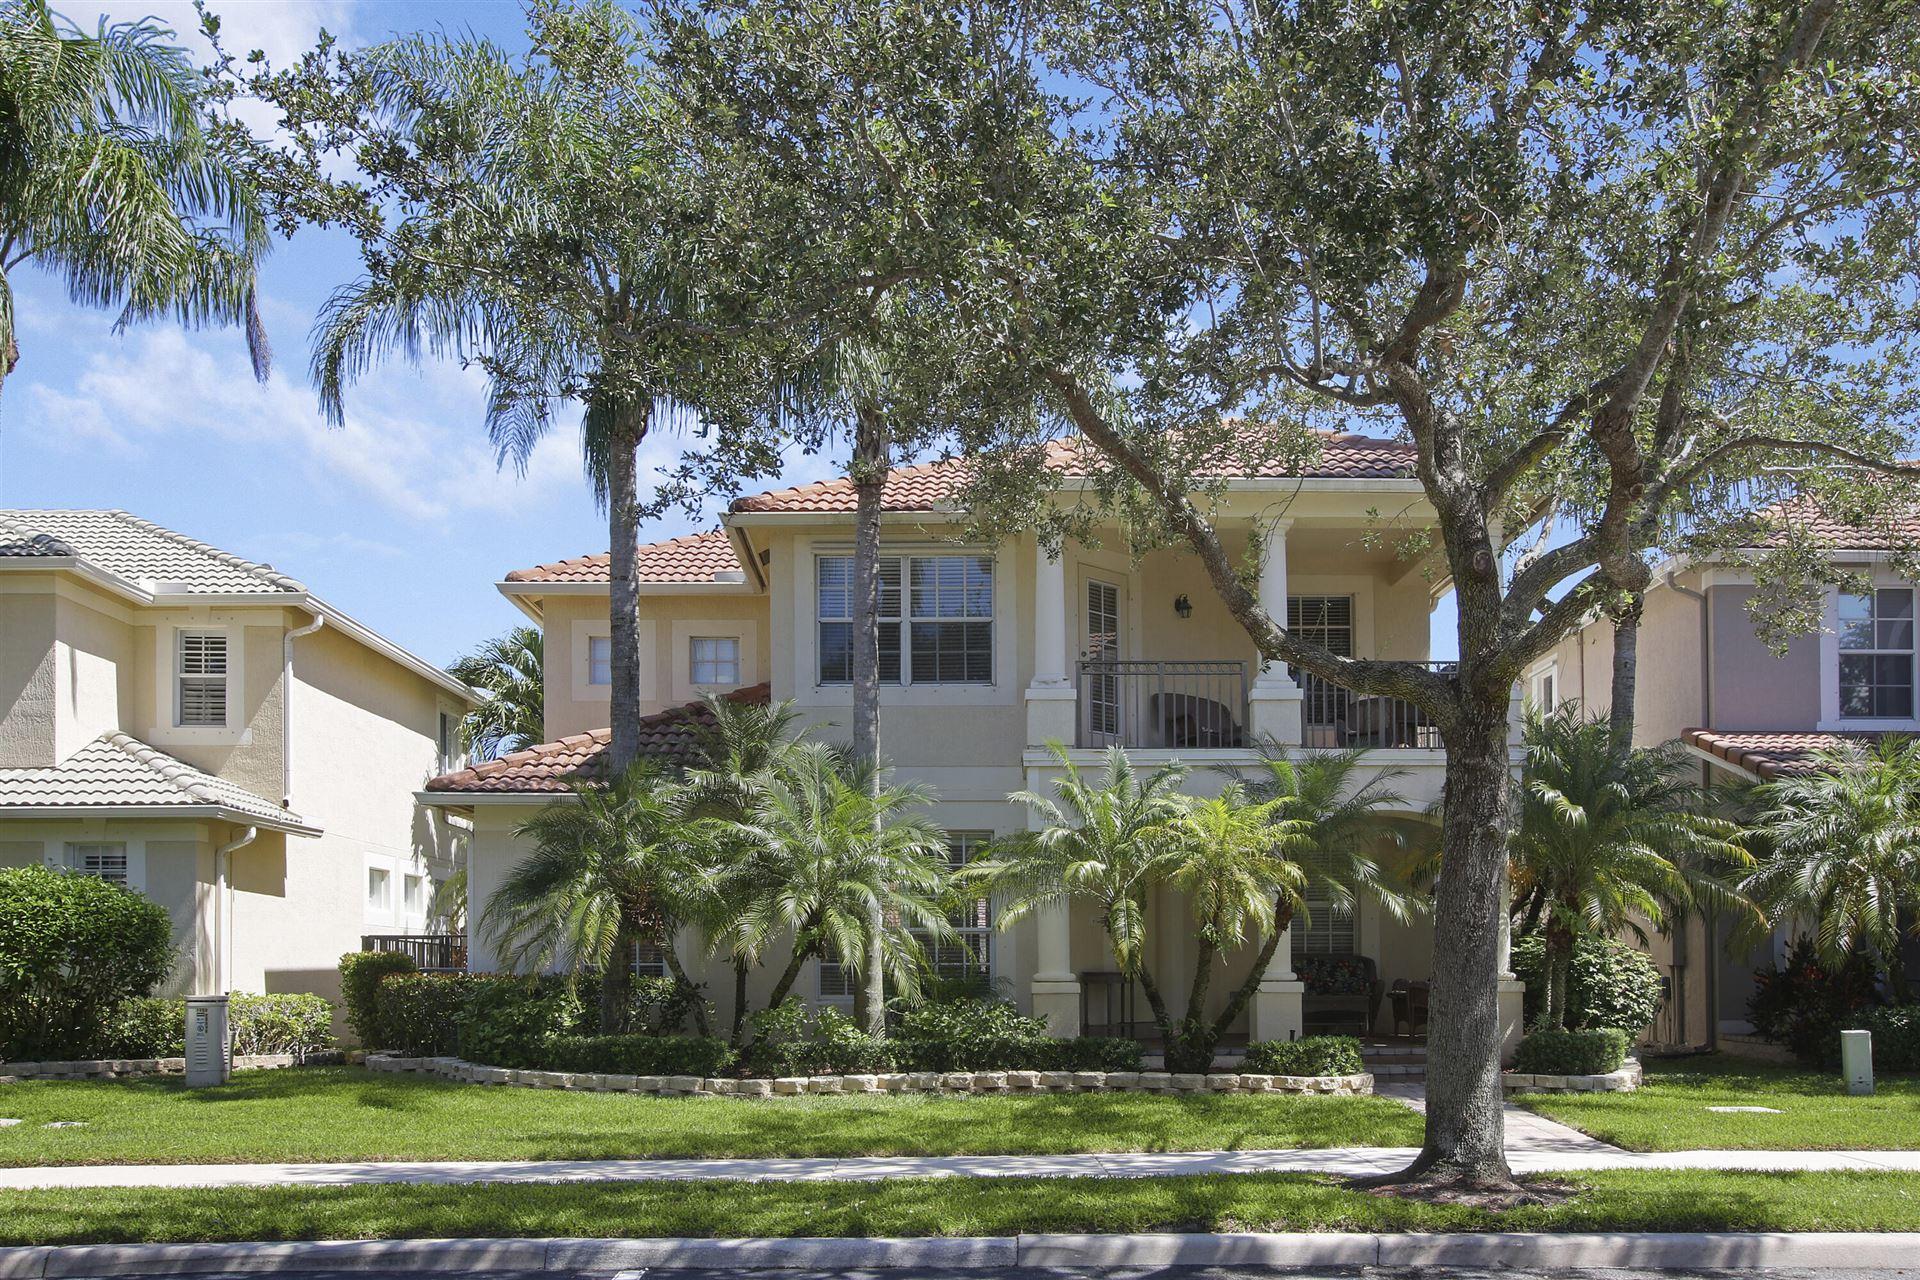 Photo of 8210 Calterra Drive, Palm Beach Gardens, FL 33418 (MLS # RX-10751577)